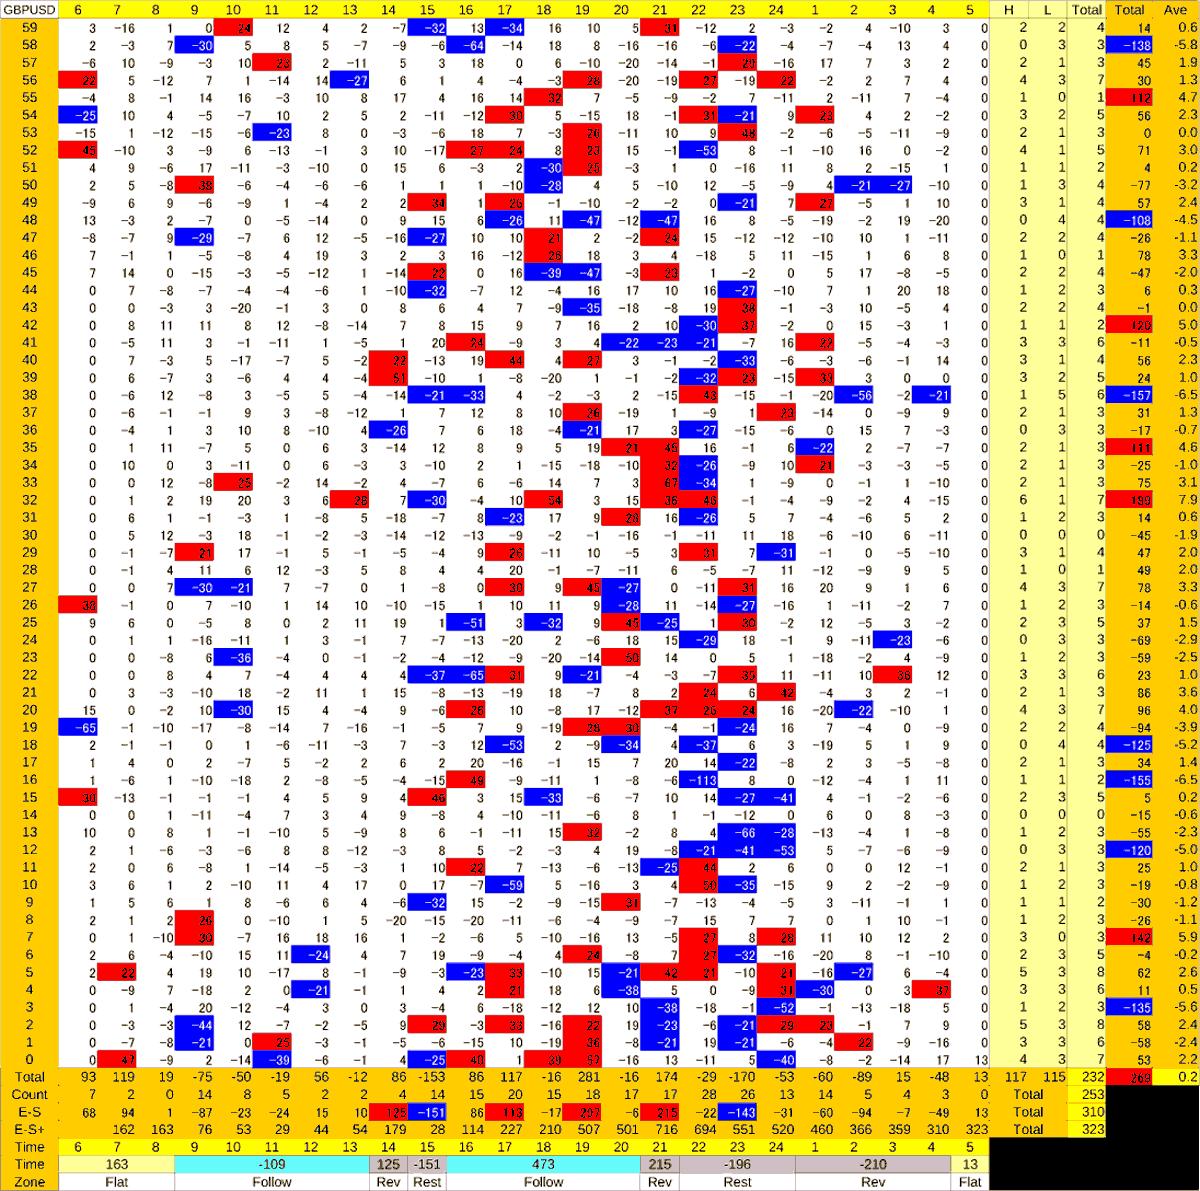 20200814_HS(2)GBPUSD